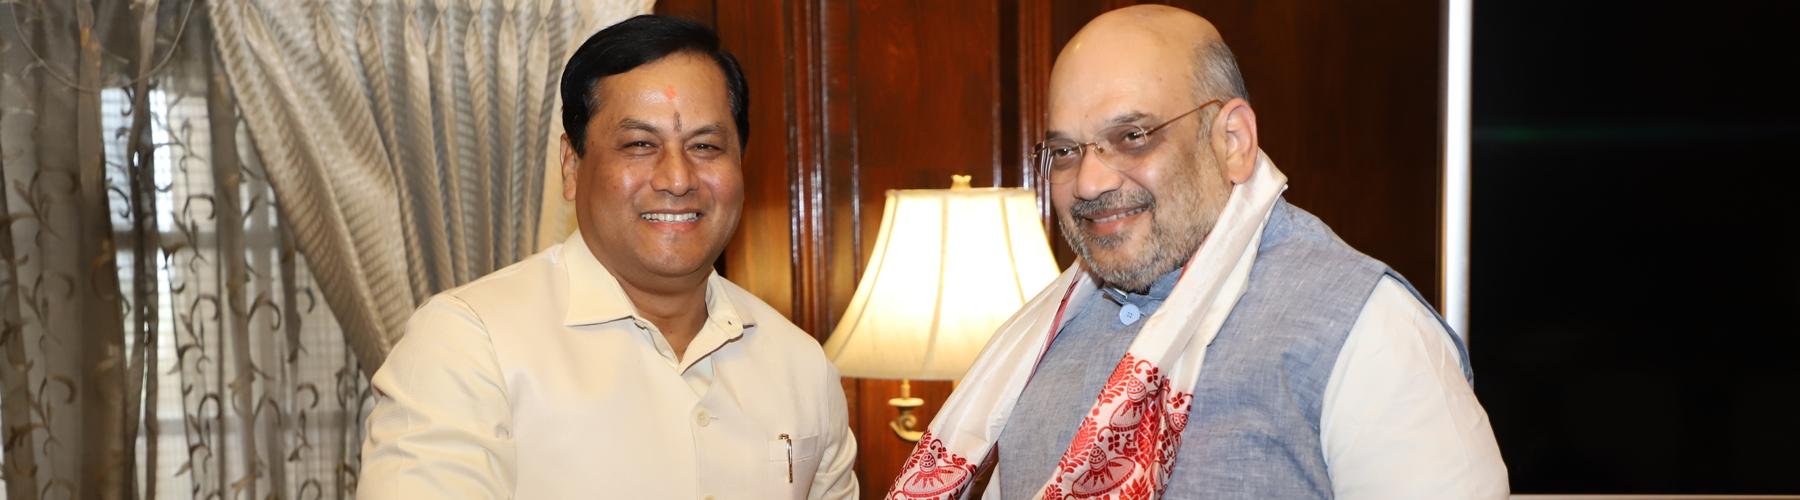 असम के मुख्यमंत्री श्री सर्बानंद सोनोवाल दिनांक 14 जून, 2019 को नई दिल्ली में केंद्रीय गृह मंत्री श्री अमित शाह से मुलाकात करते हुए